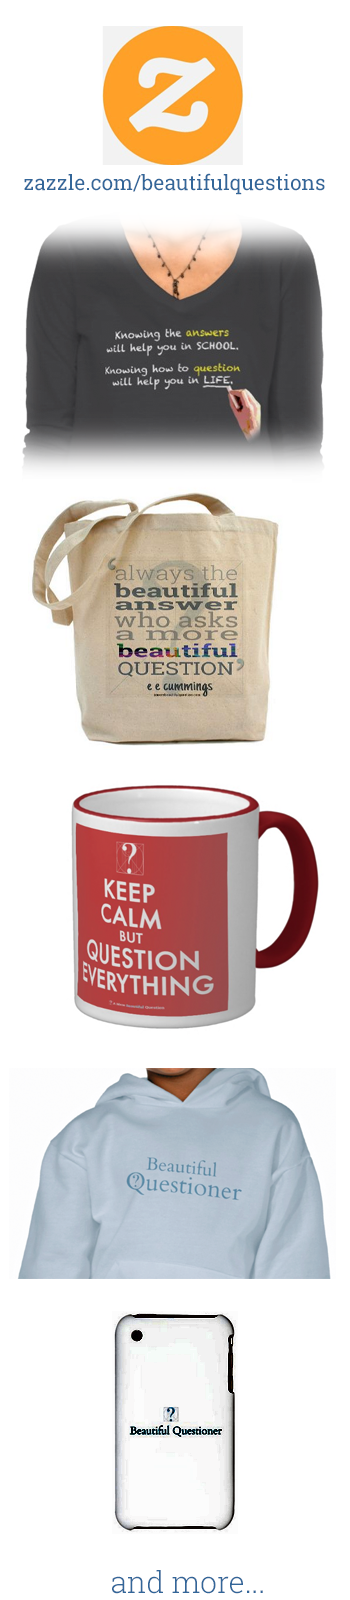 Question merchandise